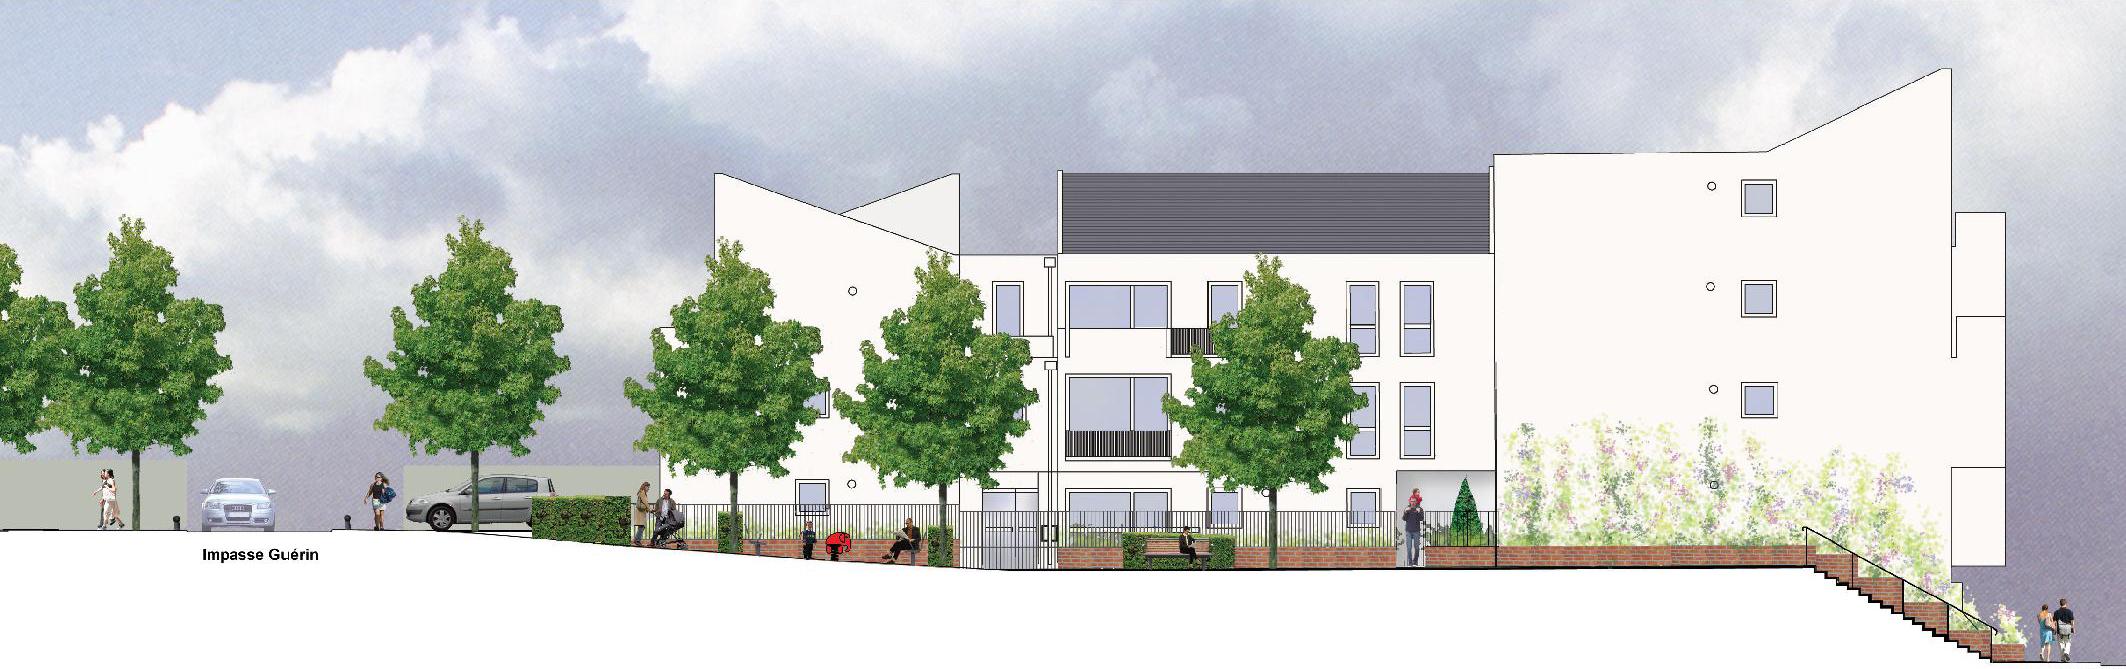 Résidentialisation Groupe 4007 Valenton